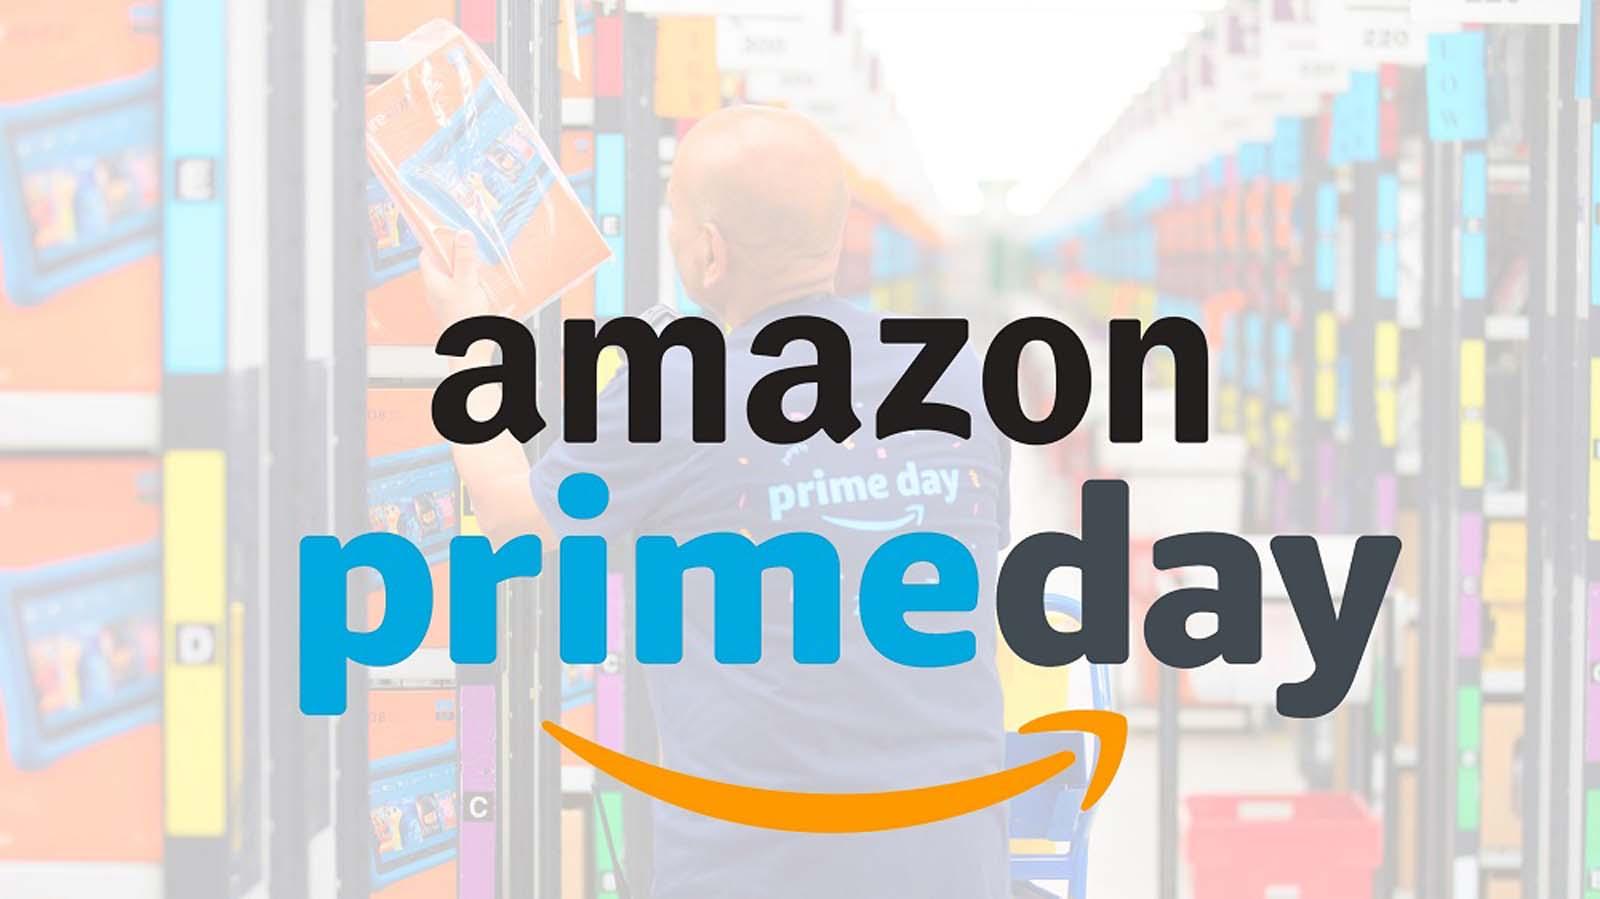 Amazon Prime Day indirimleri başladı! Teknoloji odaklı dev indirim!